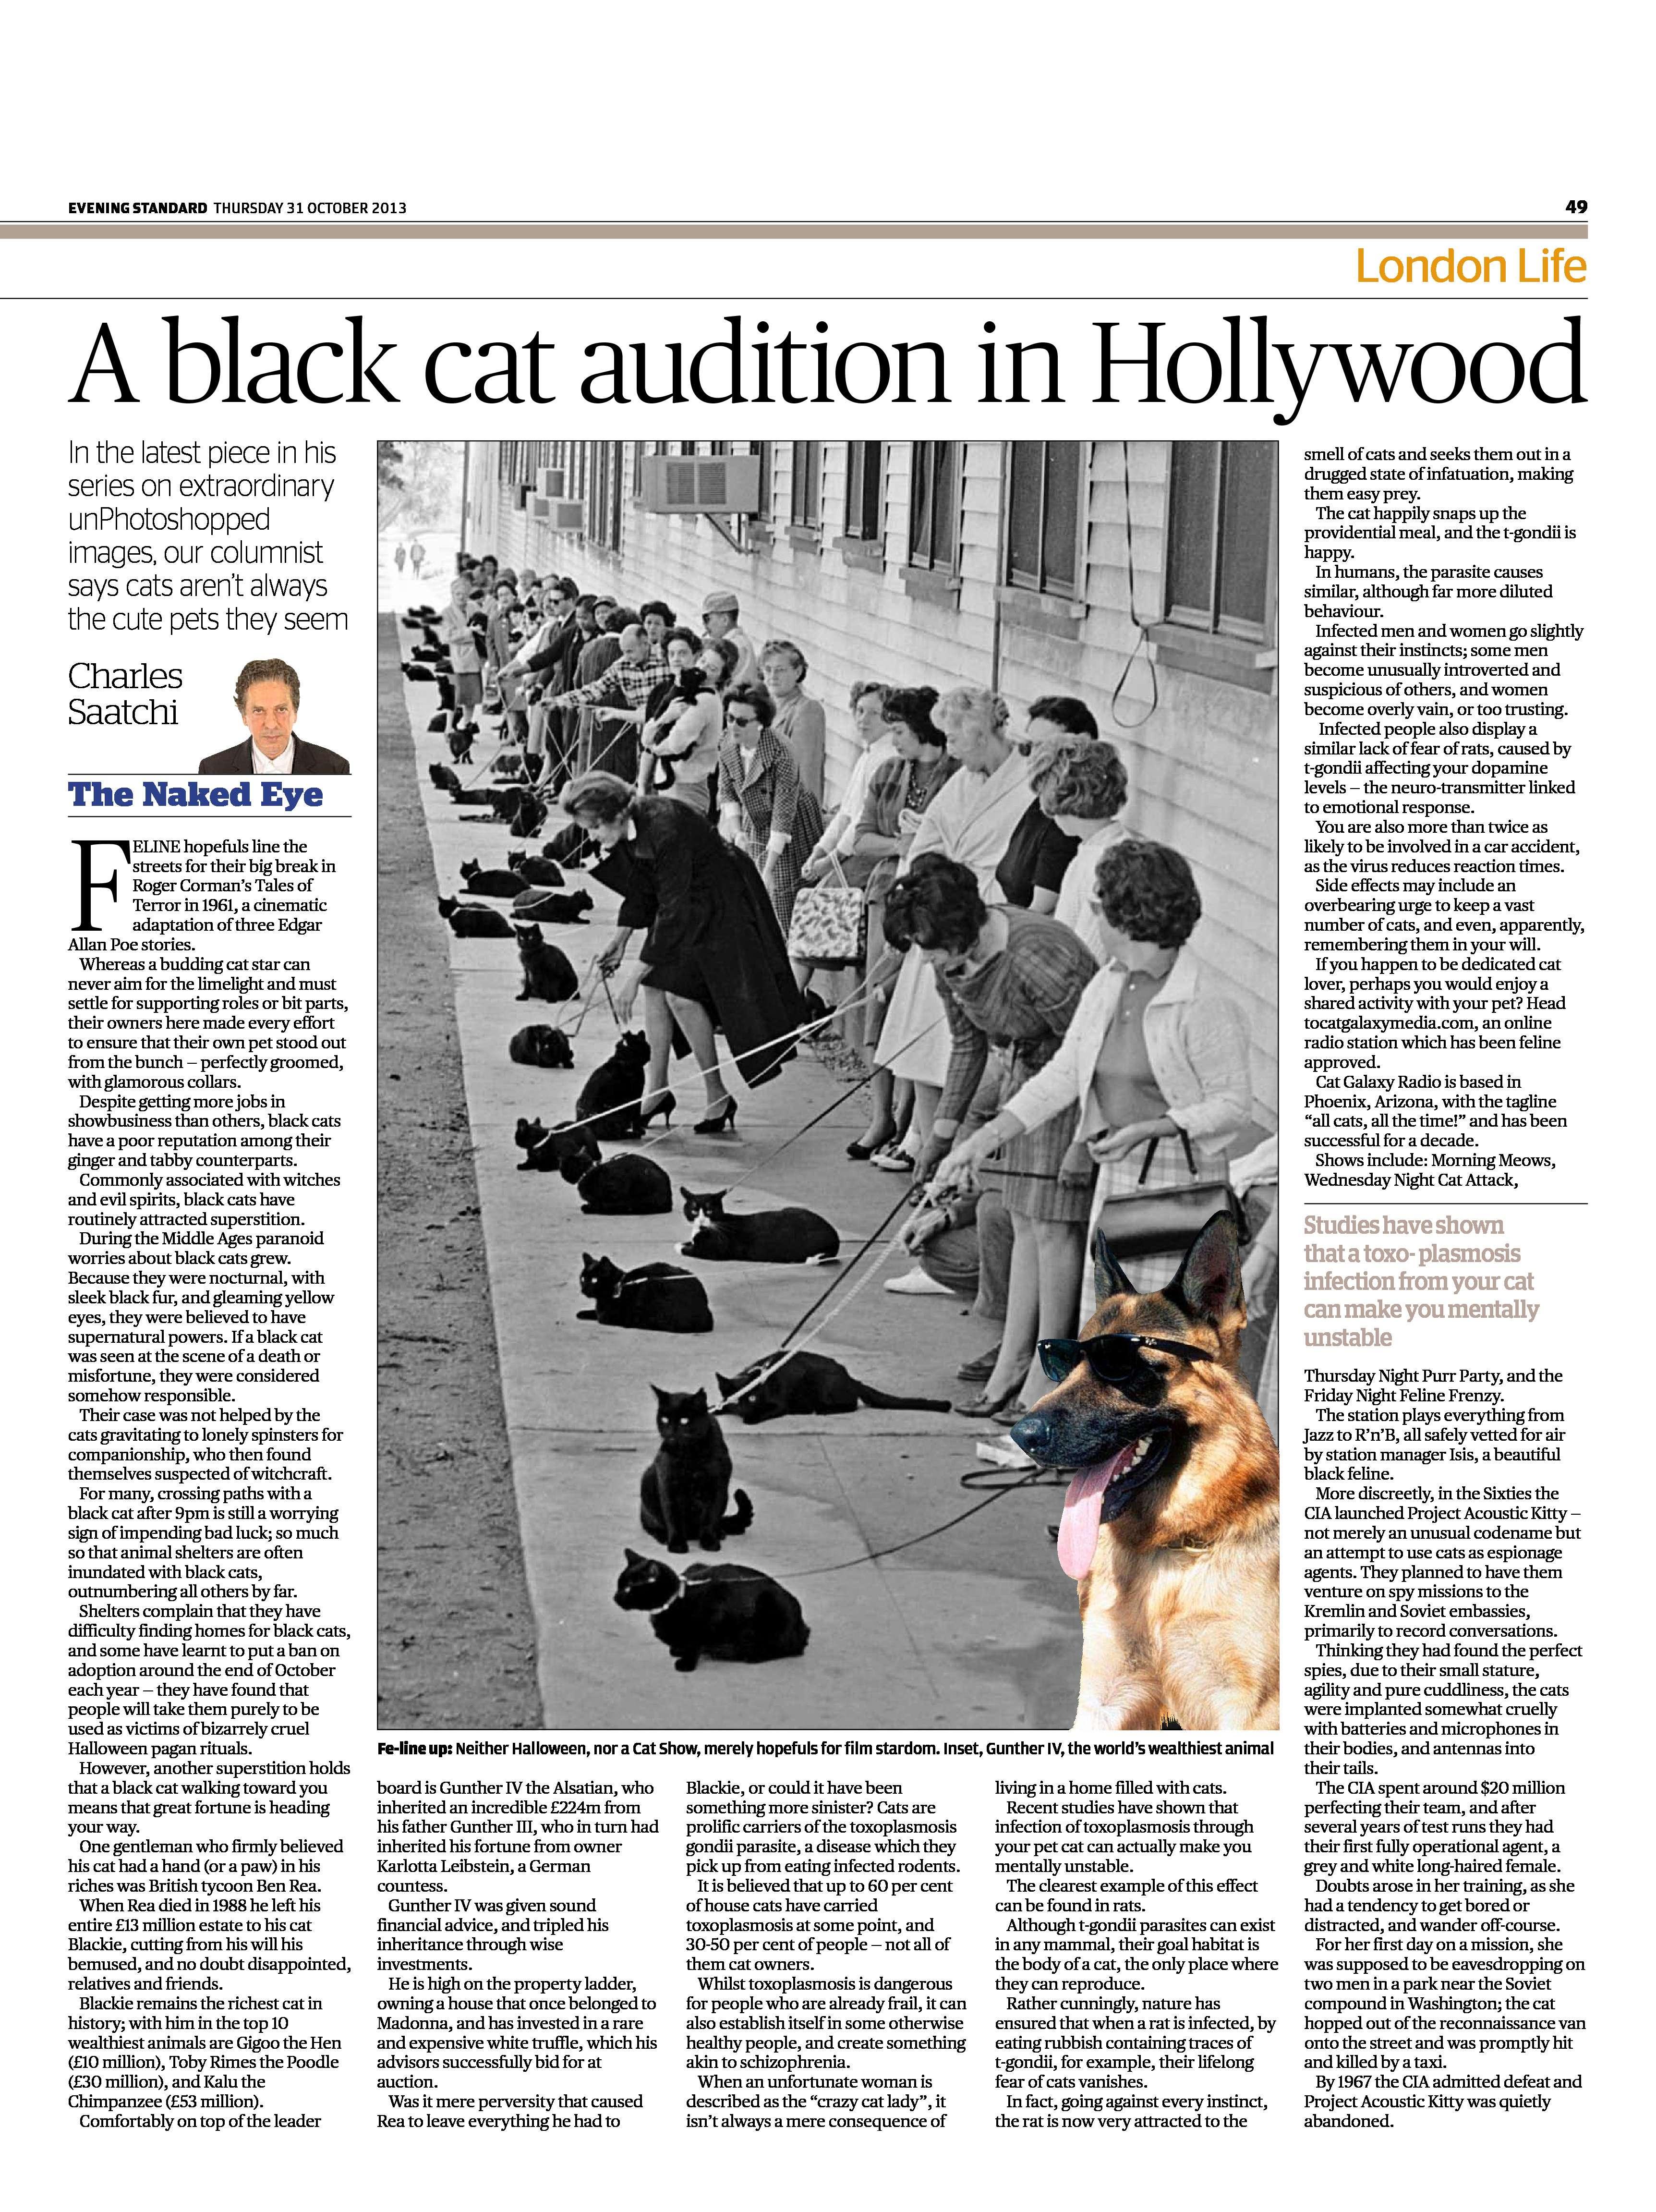 A black cat audition